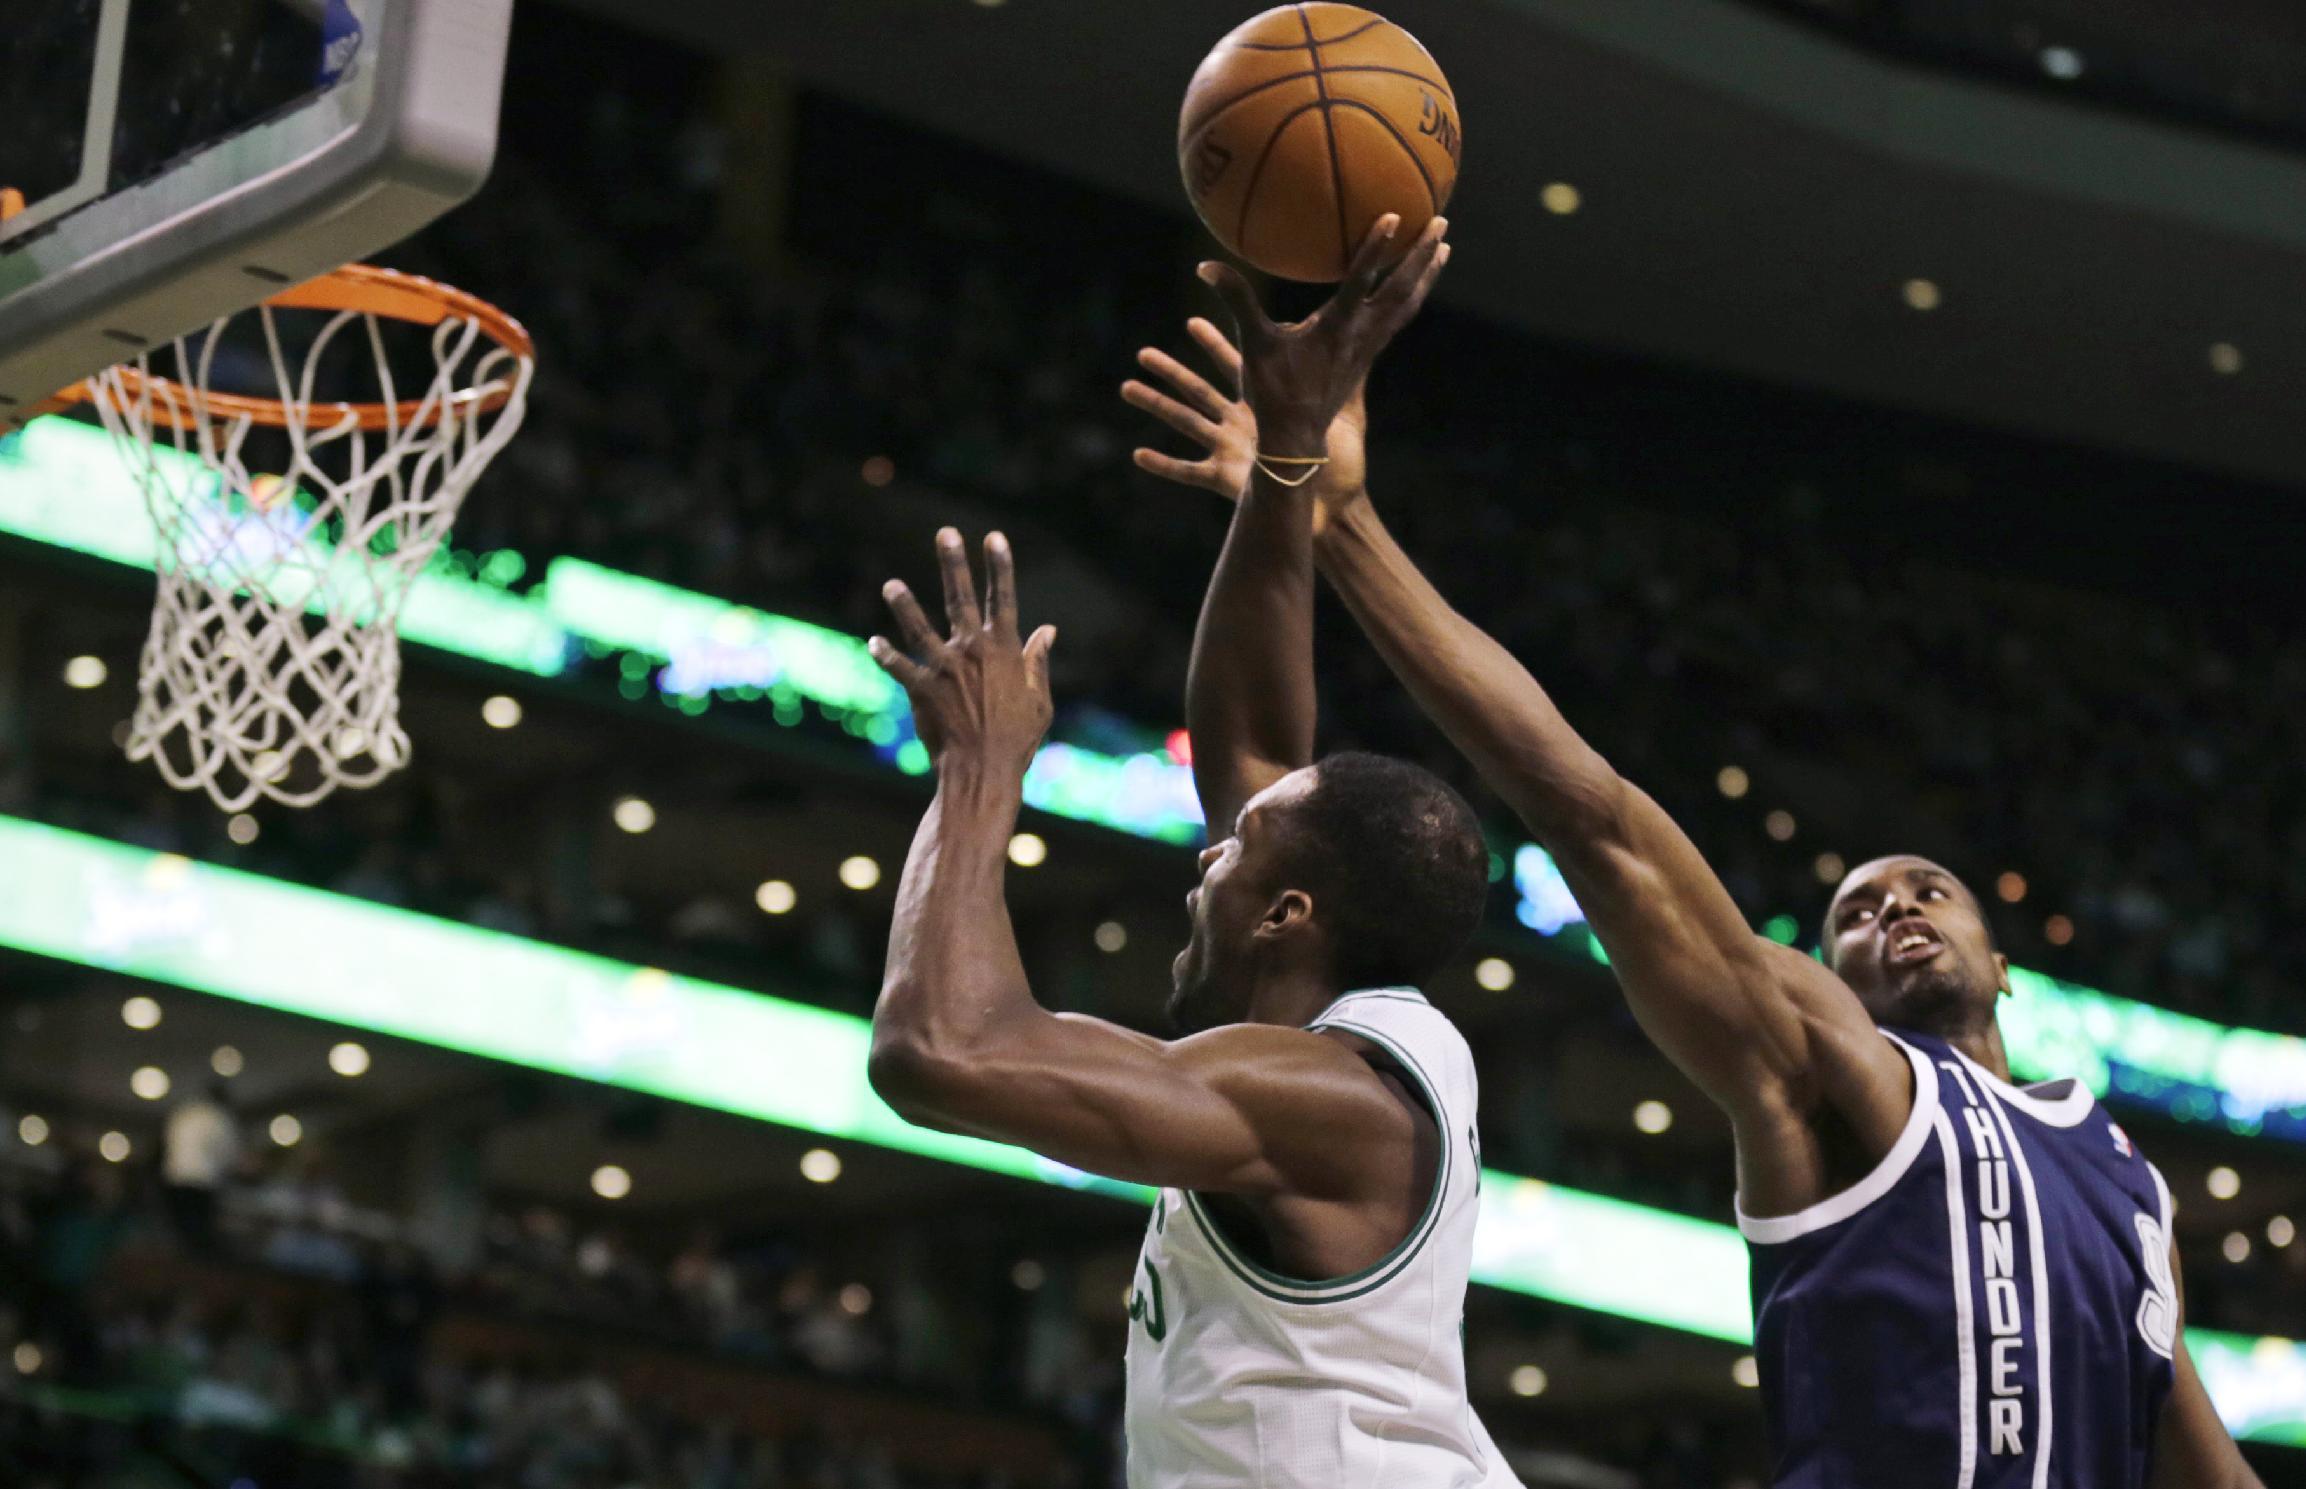 No Durant, but Thunder still beat Celtics 101-83